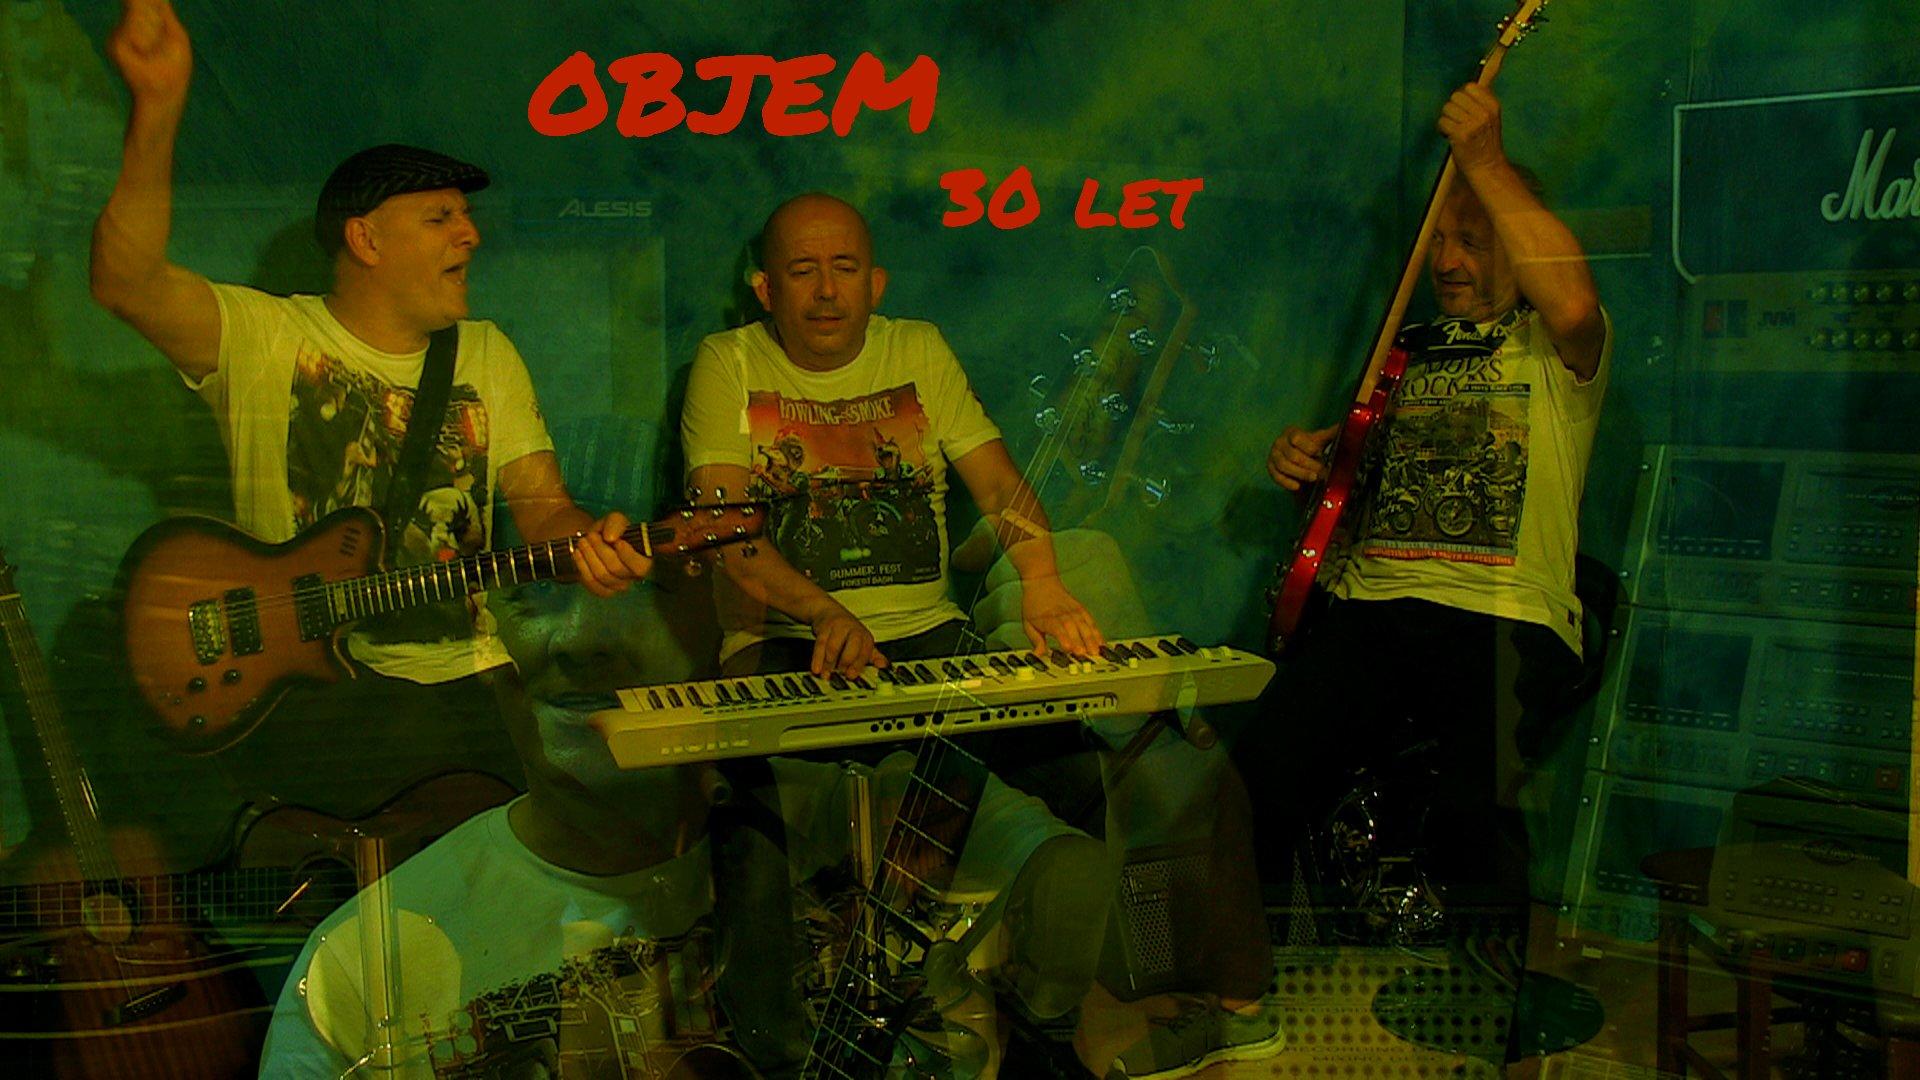 Skupina-ansambel-band-Objem-30-let-delovanja